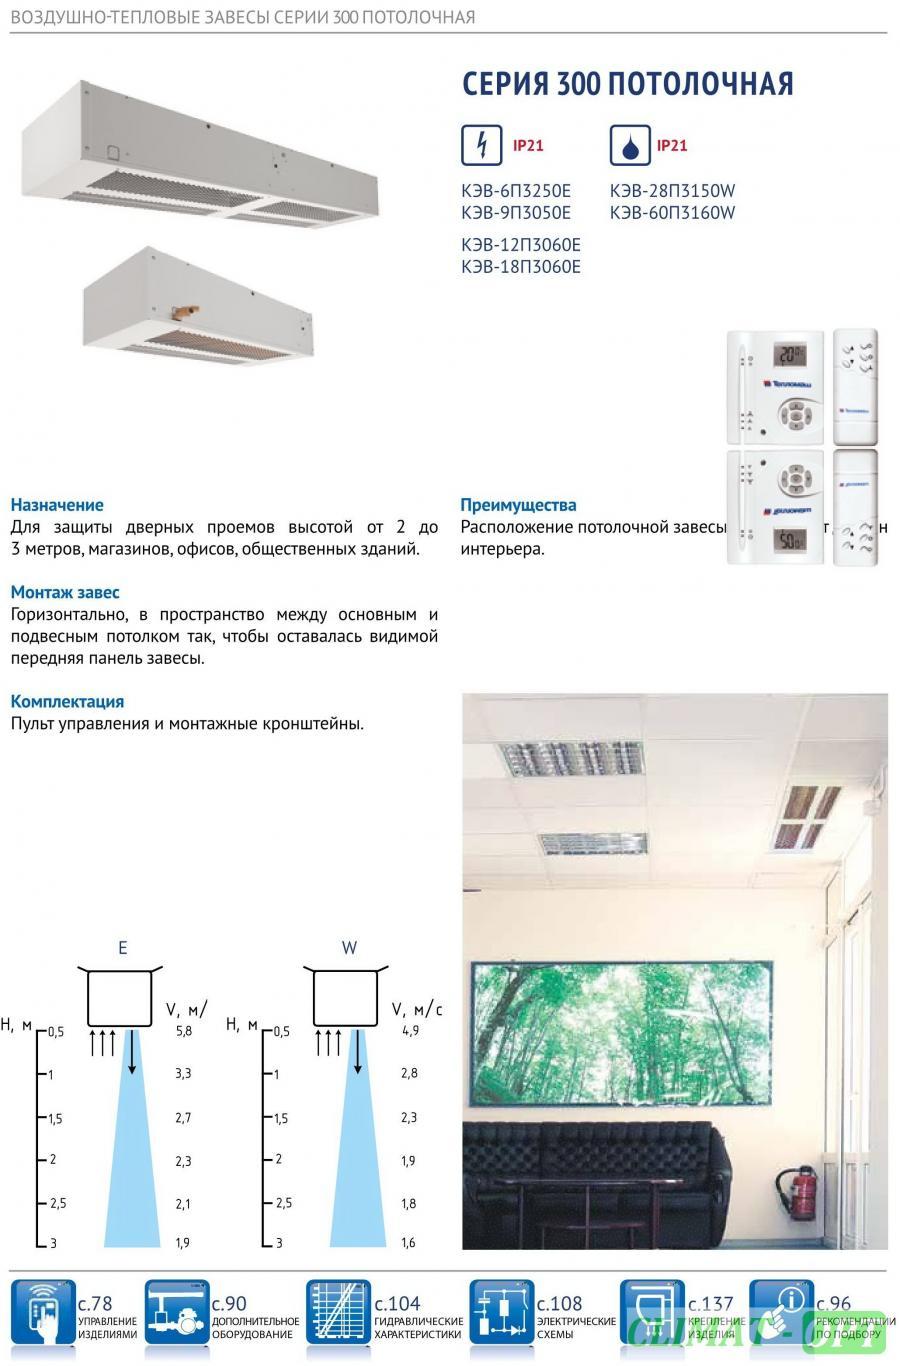 Тепловая завеса серии 300 потолочного типа высота до 3-х метров